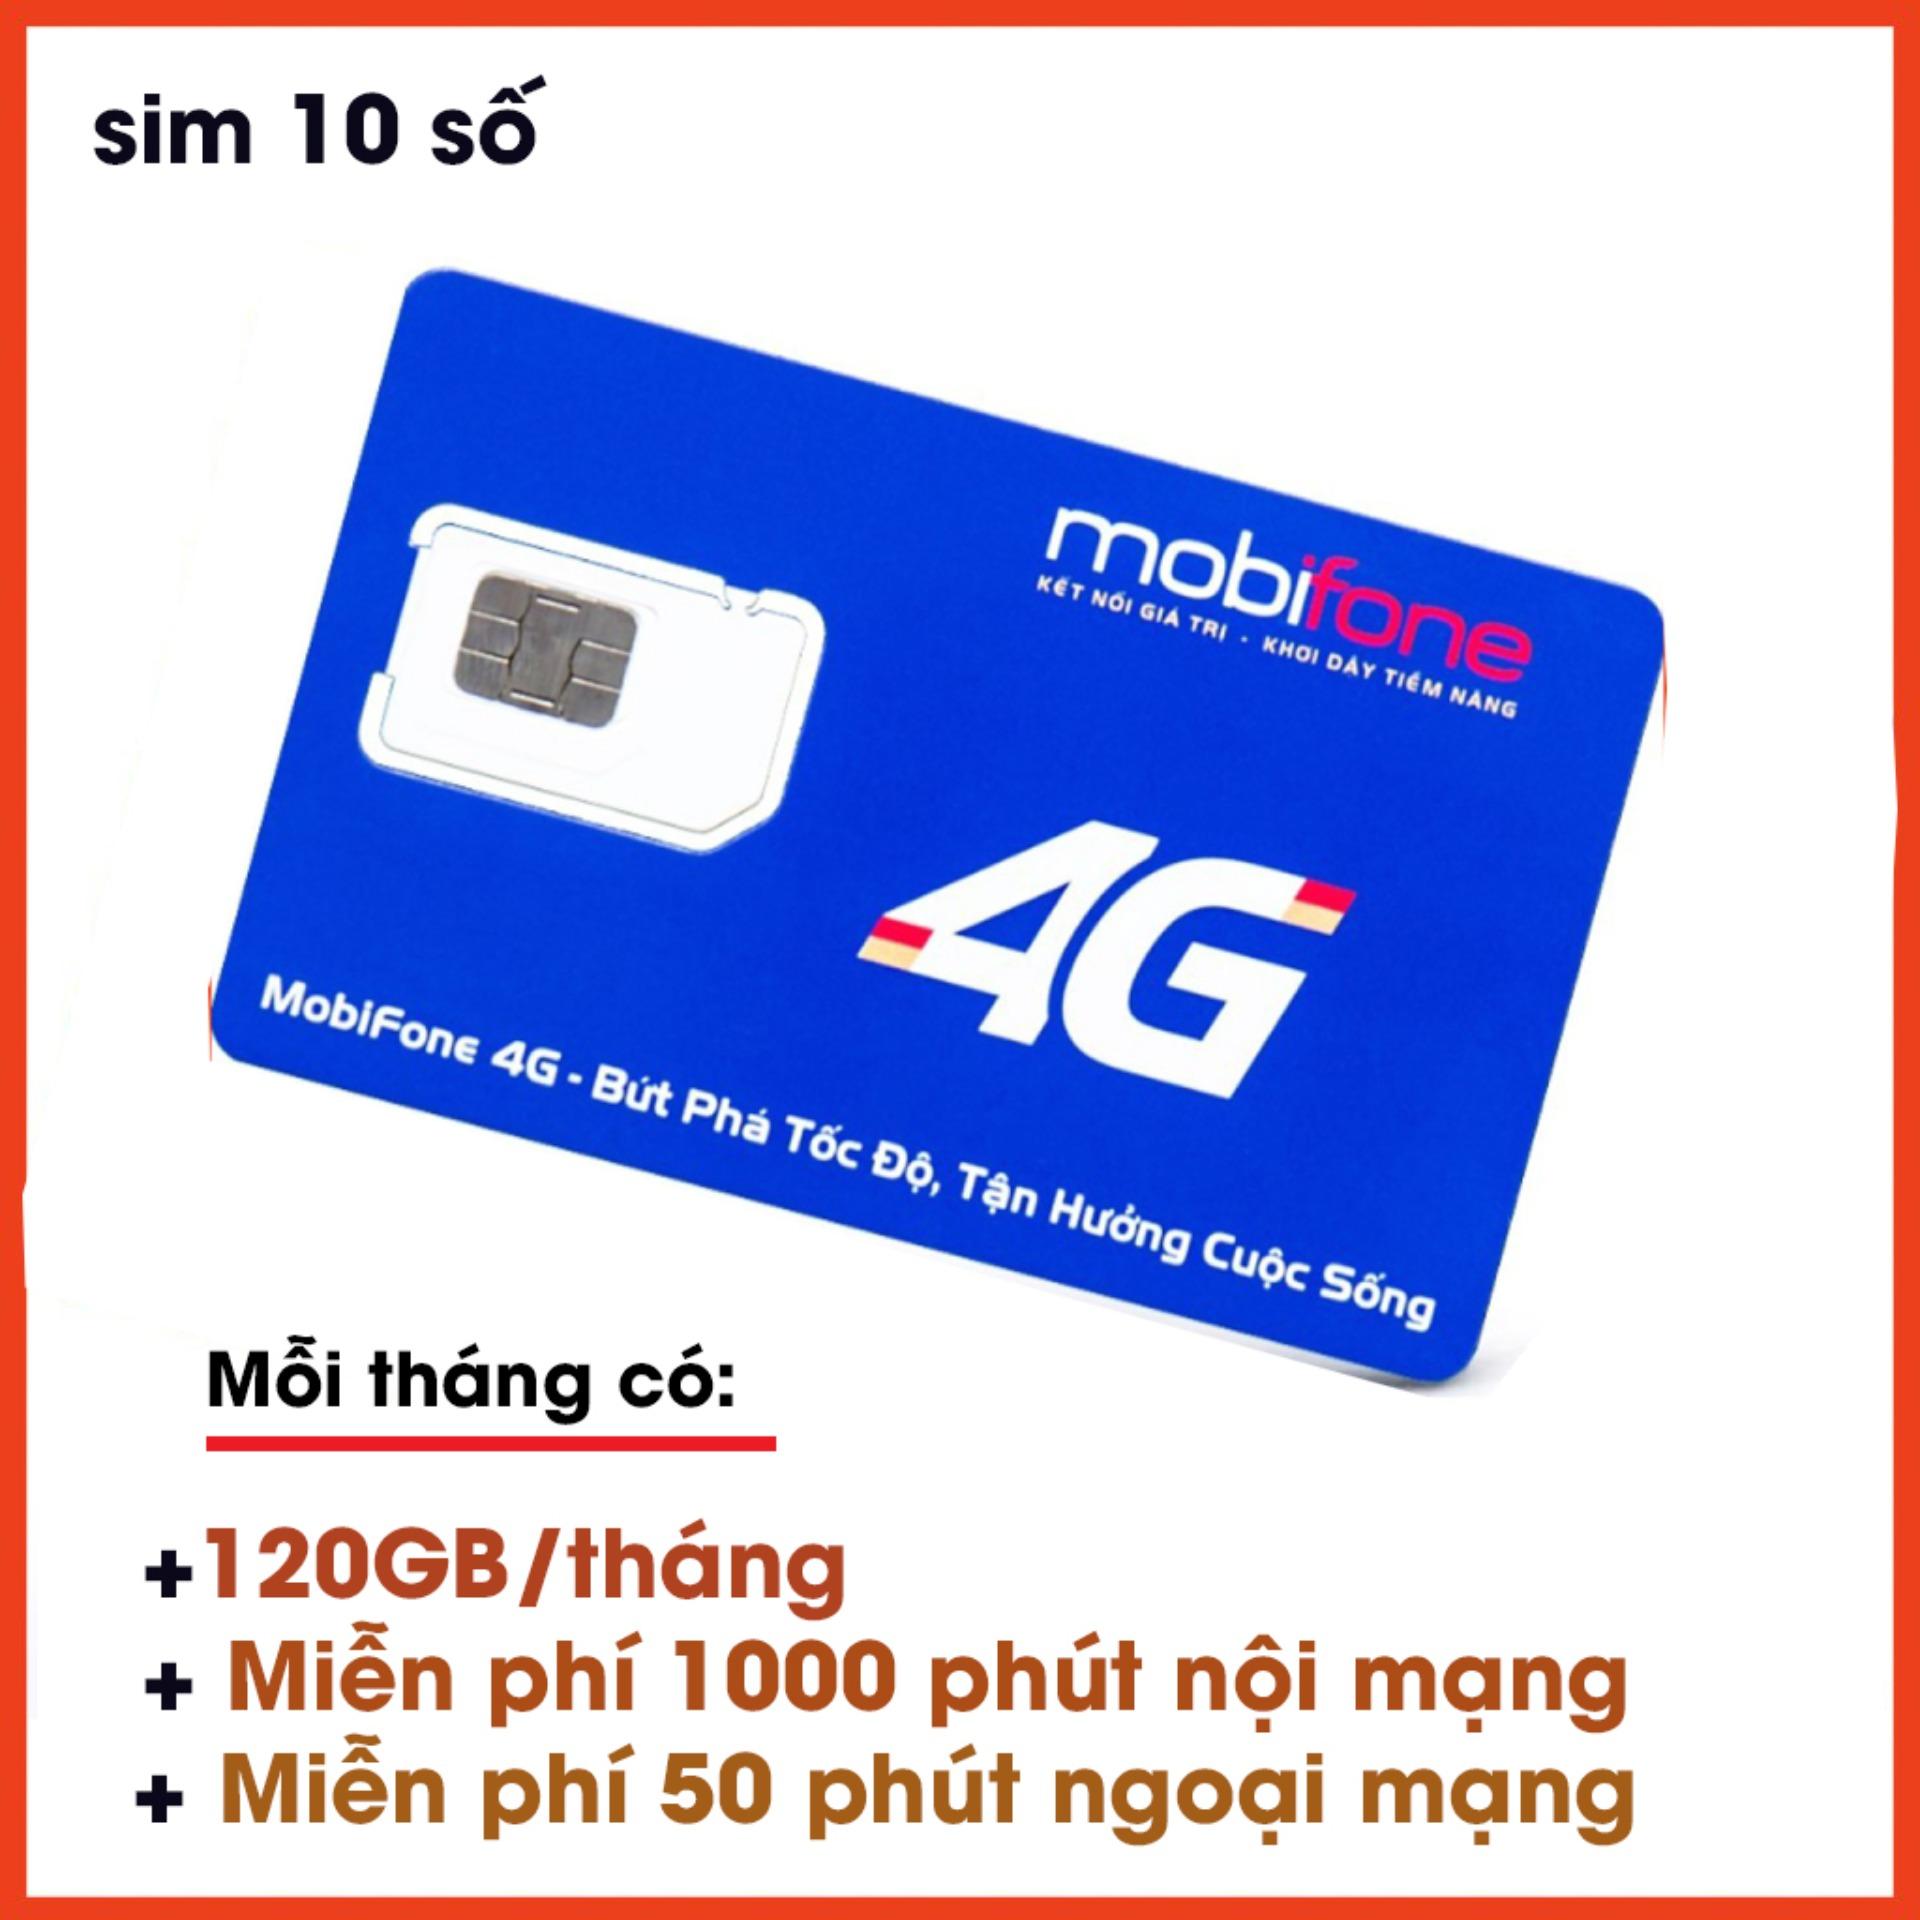 Giá Sim 4G 10 số Mobifone C90N 120GB/tháng và 1.000 phút miễn phí nội mạng/tháng+ 50 phút ngoại mạng/tháng.Sử dụng toàn quốc.